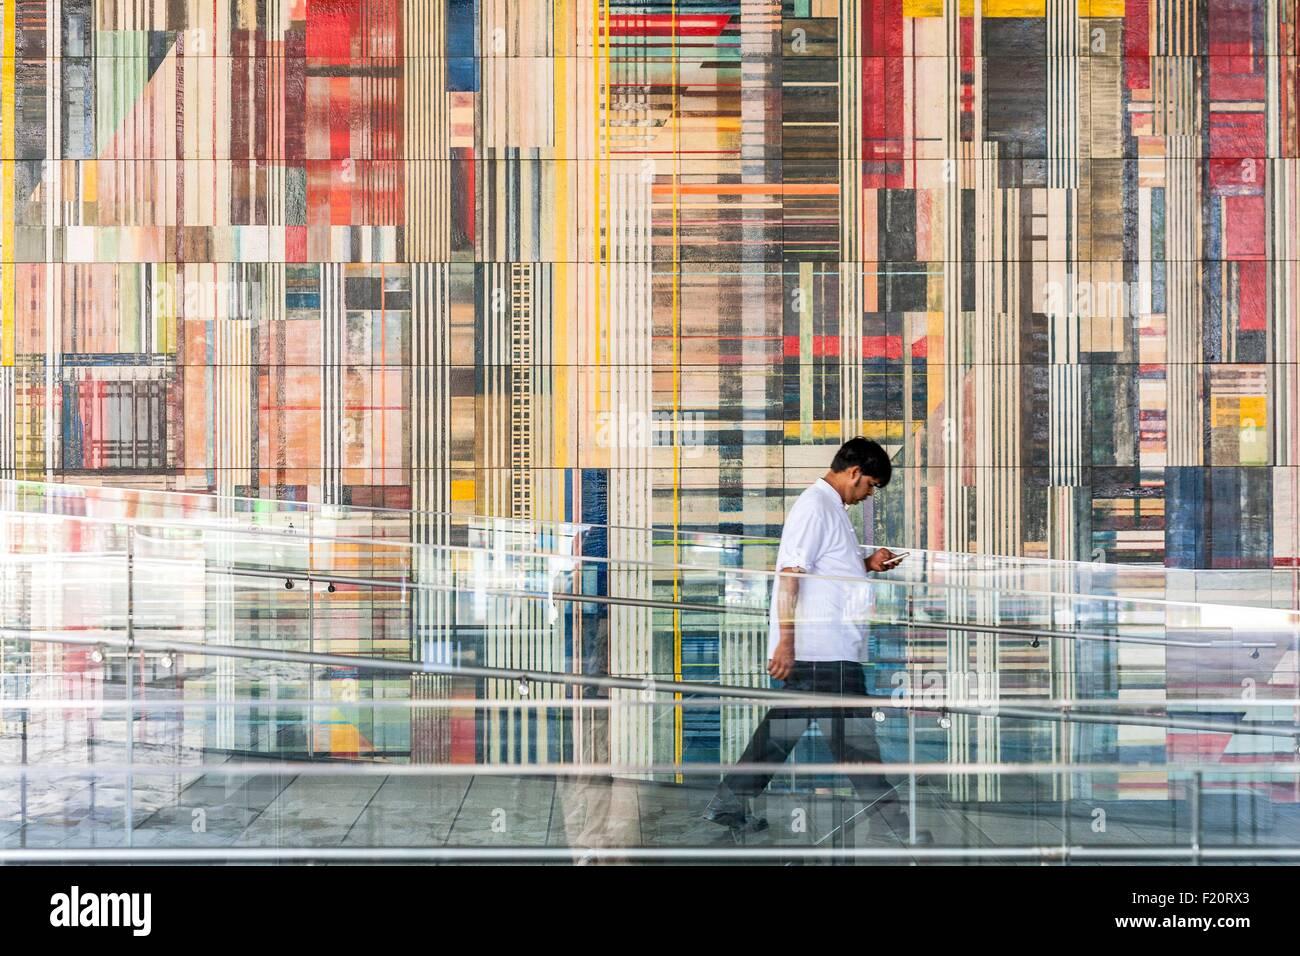 Corée du Sud, Seoul Gangnam, le quartier piéton, Teheranno alley Photo Stock